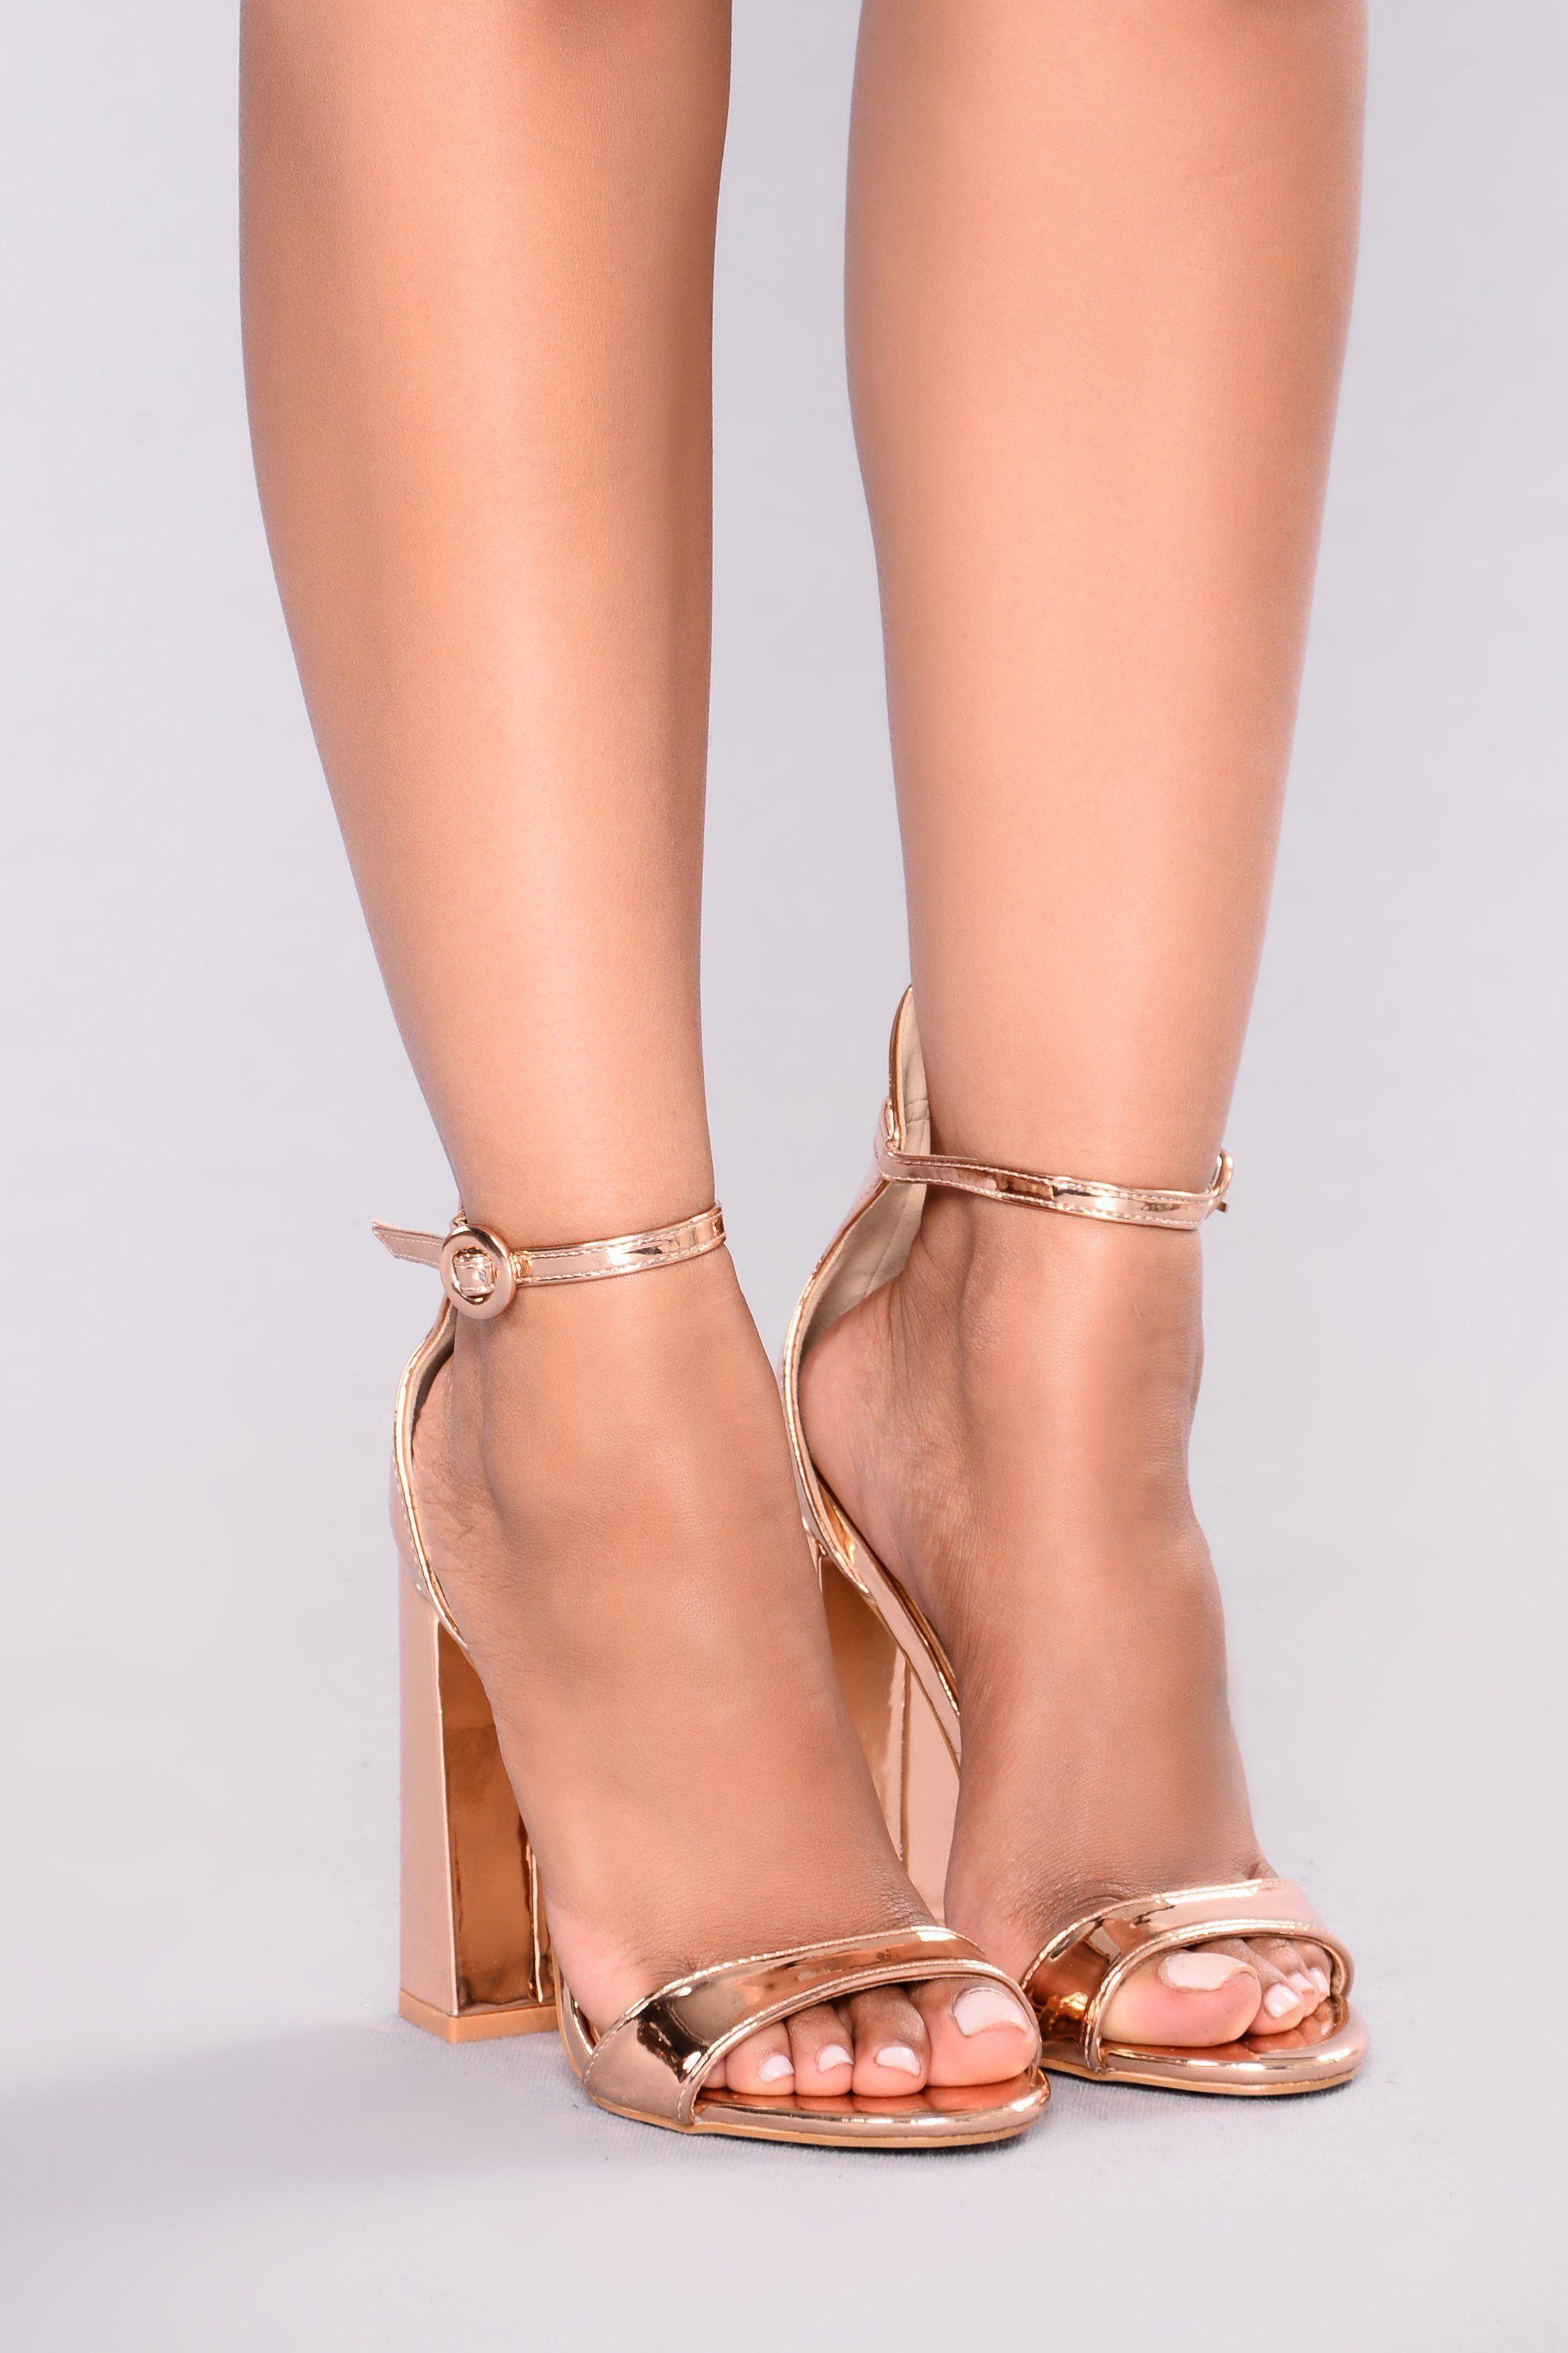 c7f022c1354 Violet Block Heel - Rose Gold  Promheels Rose Gold Sandal Heels